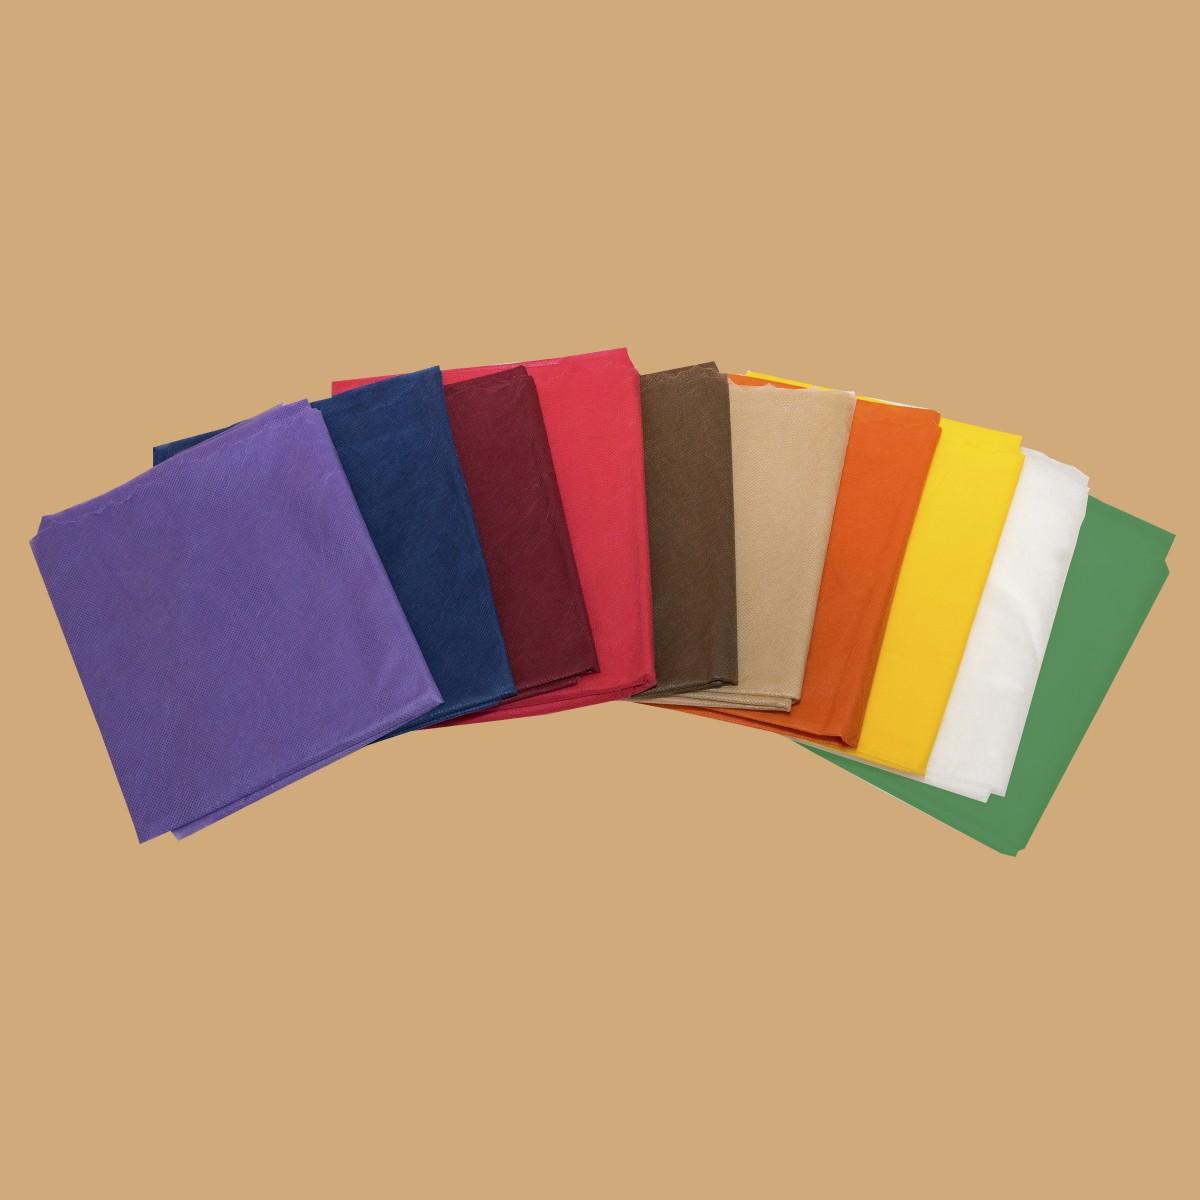 Простыни сложенные поштучно, спанбонд 30г/м2, цвет в ассортименте (10 шт)